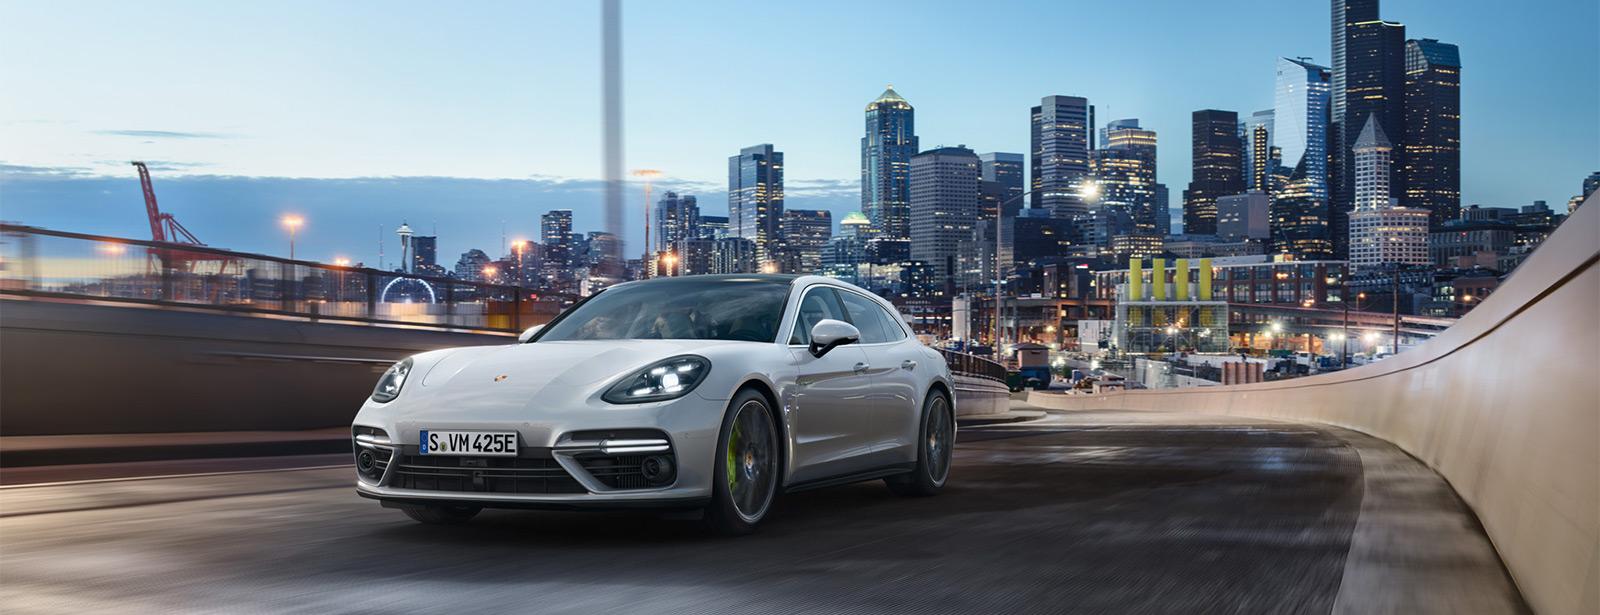 Events 2017 | Porsche Leistungssport